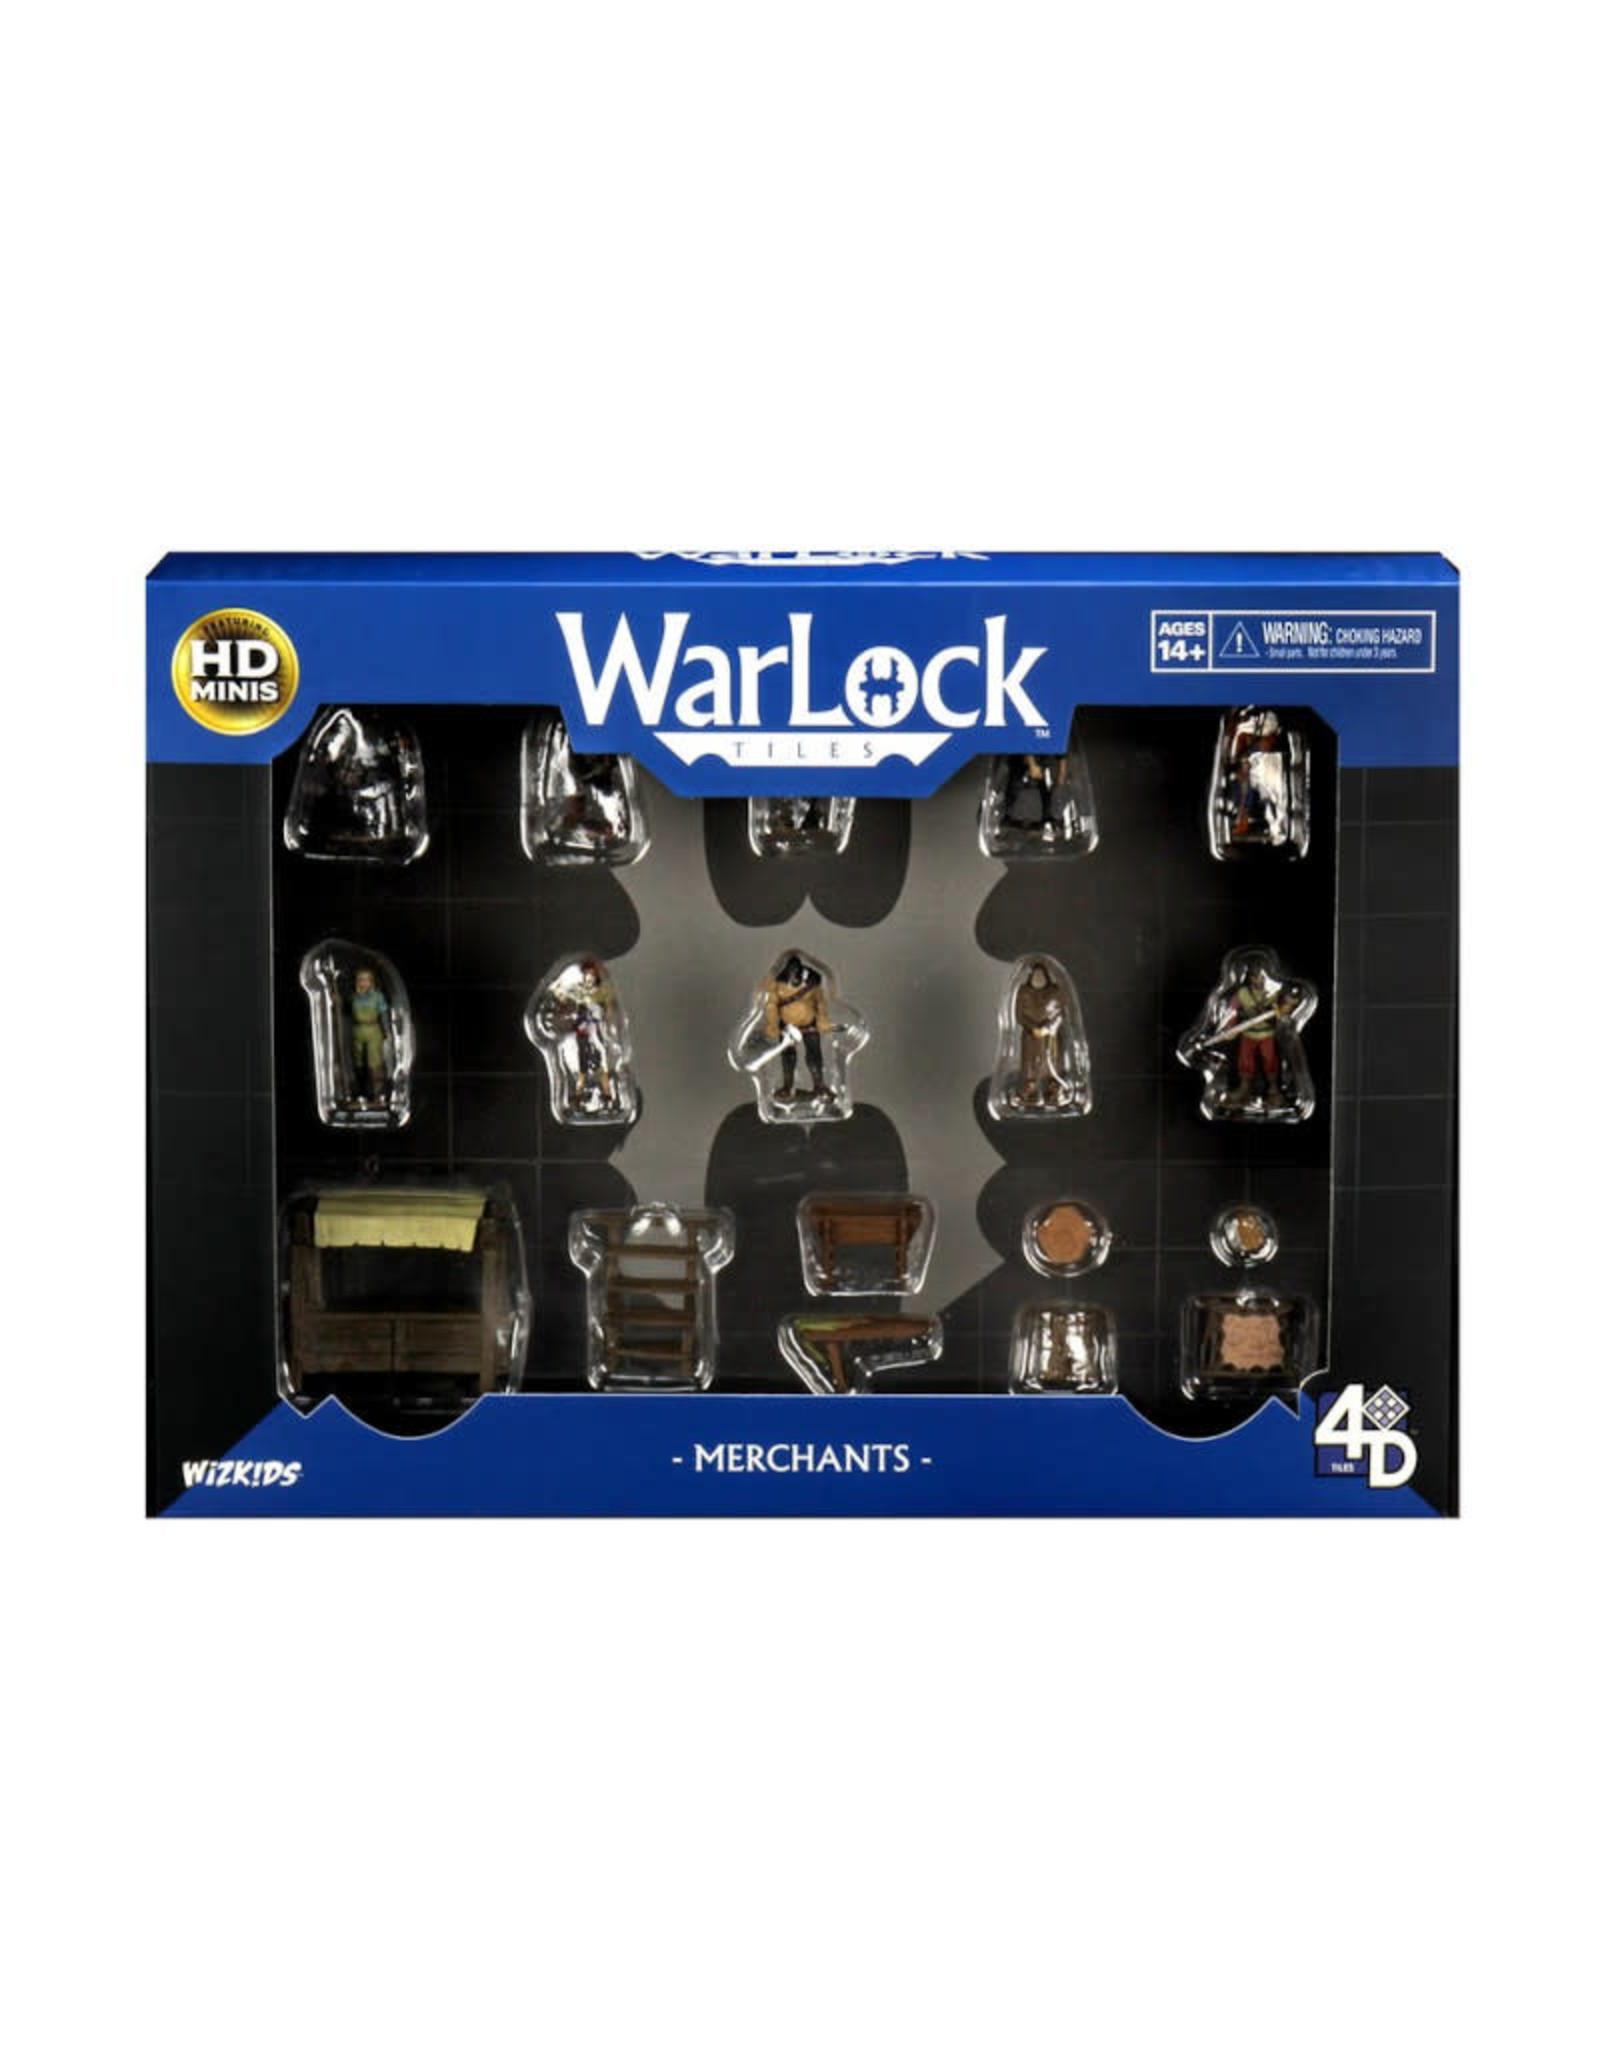 Wizkids WarLock Tiles Merchants